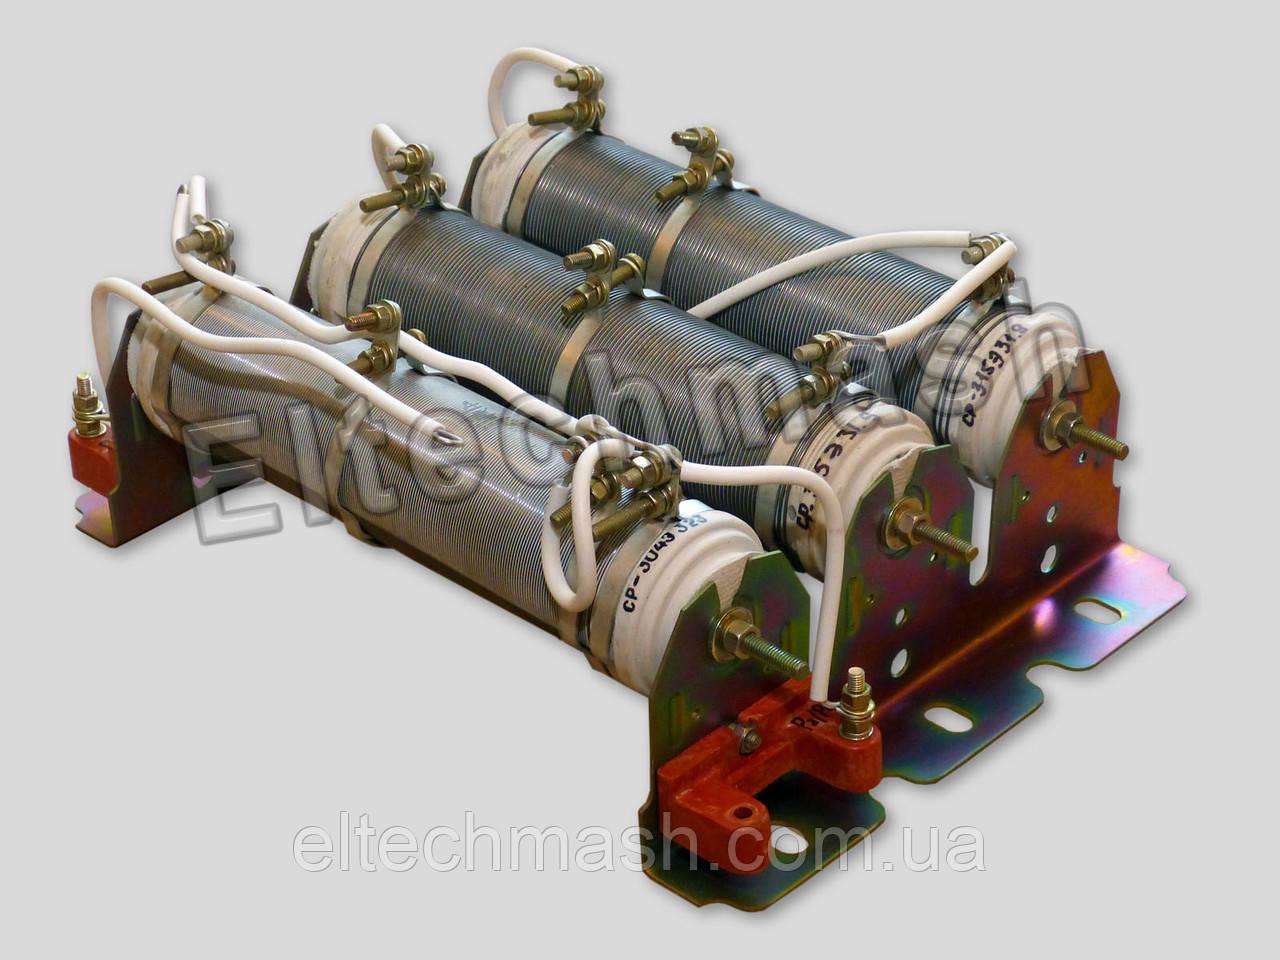 Резистор ПС-50320 УХЛ2